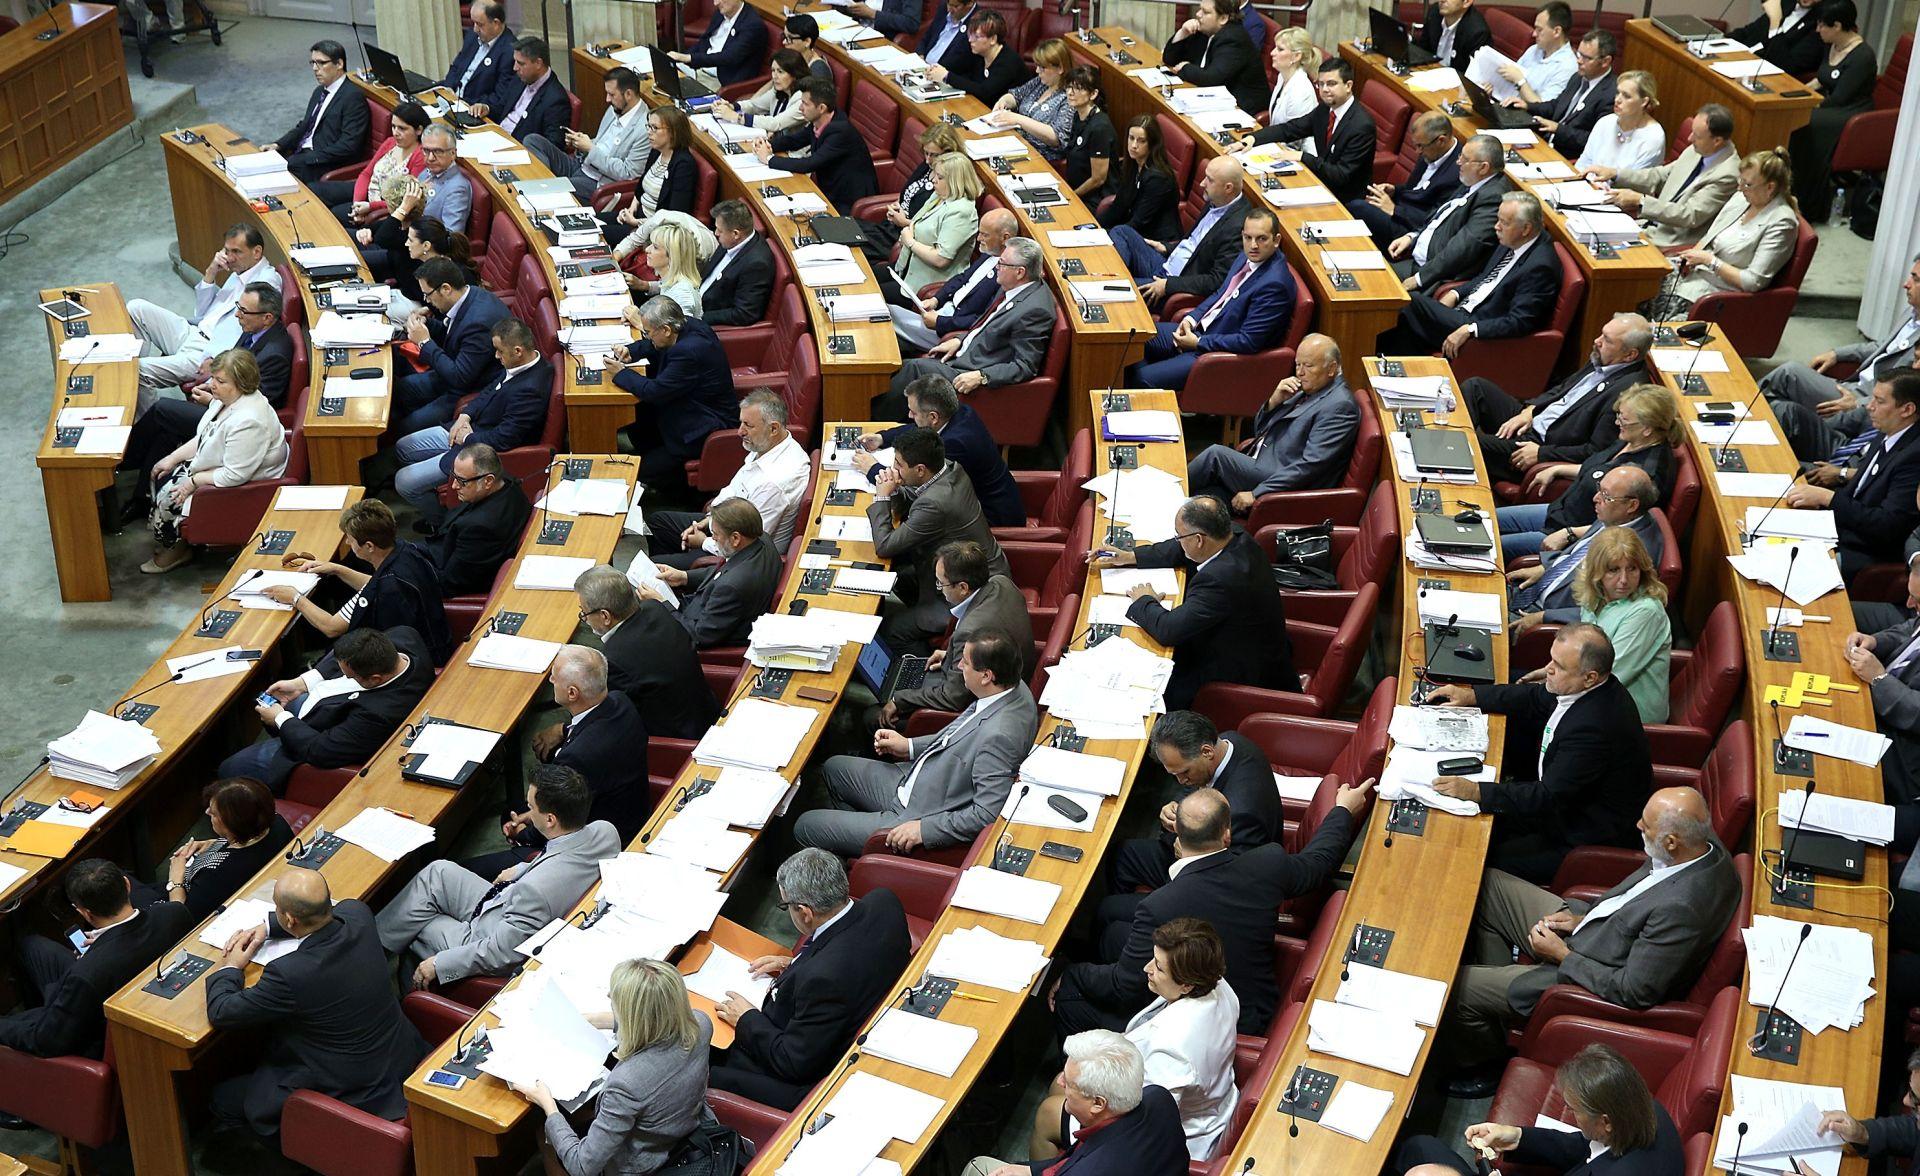 IZVANREDNA SJEDNICA Vlada traži zasjedanje Sabora zbog arbitraže